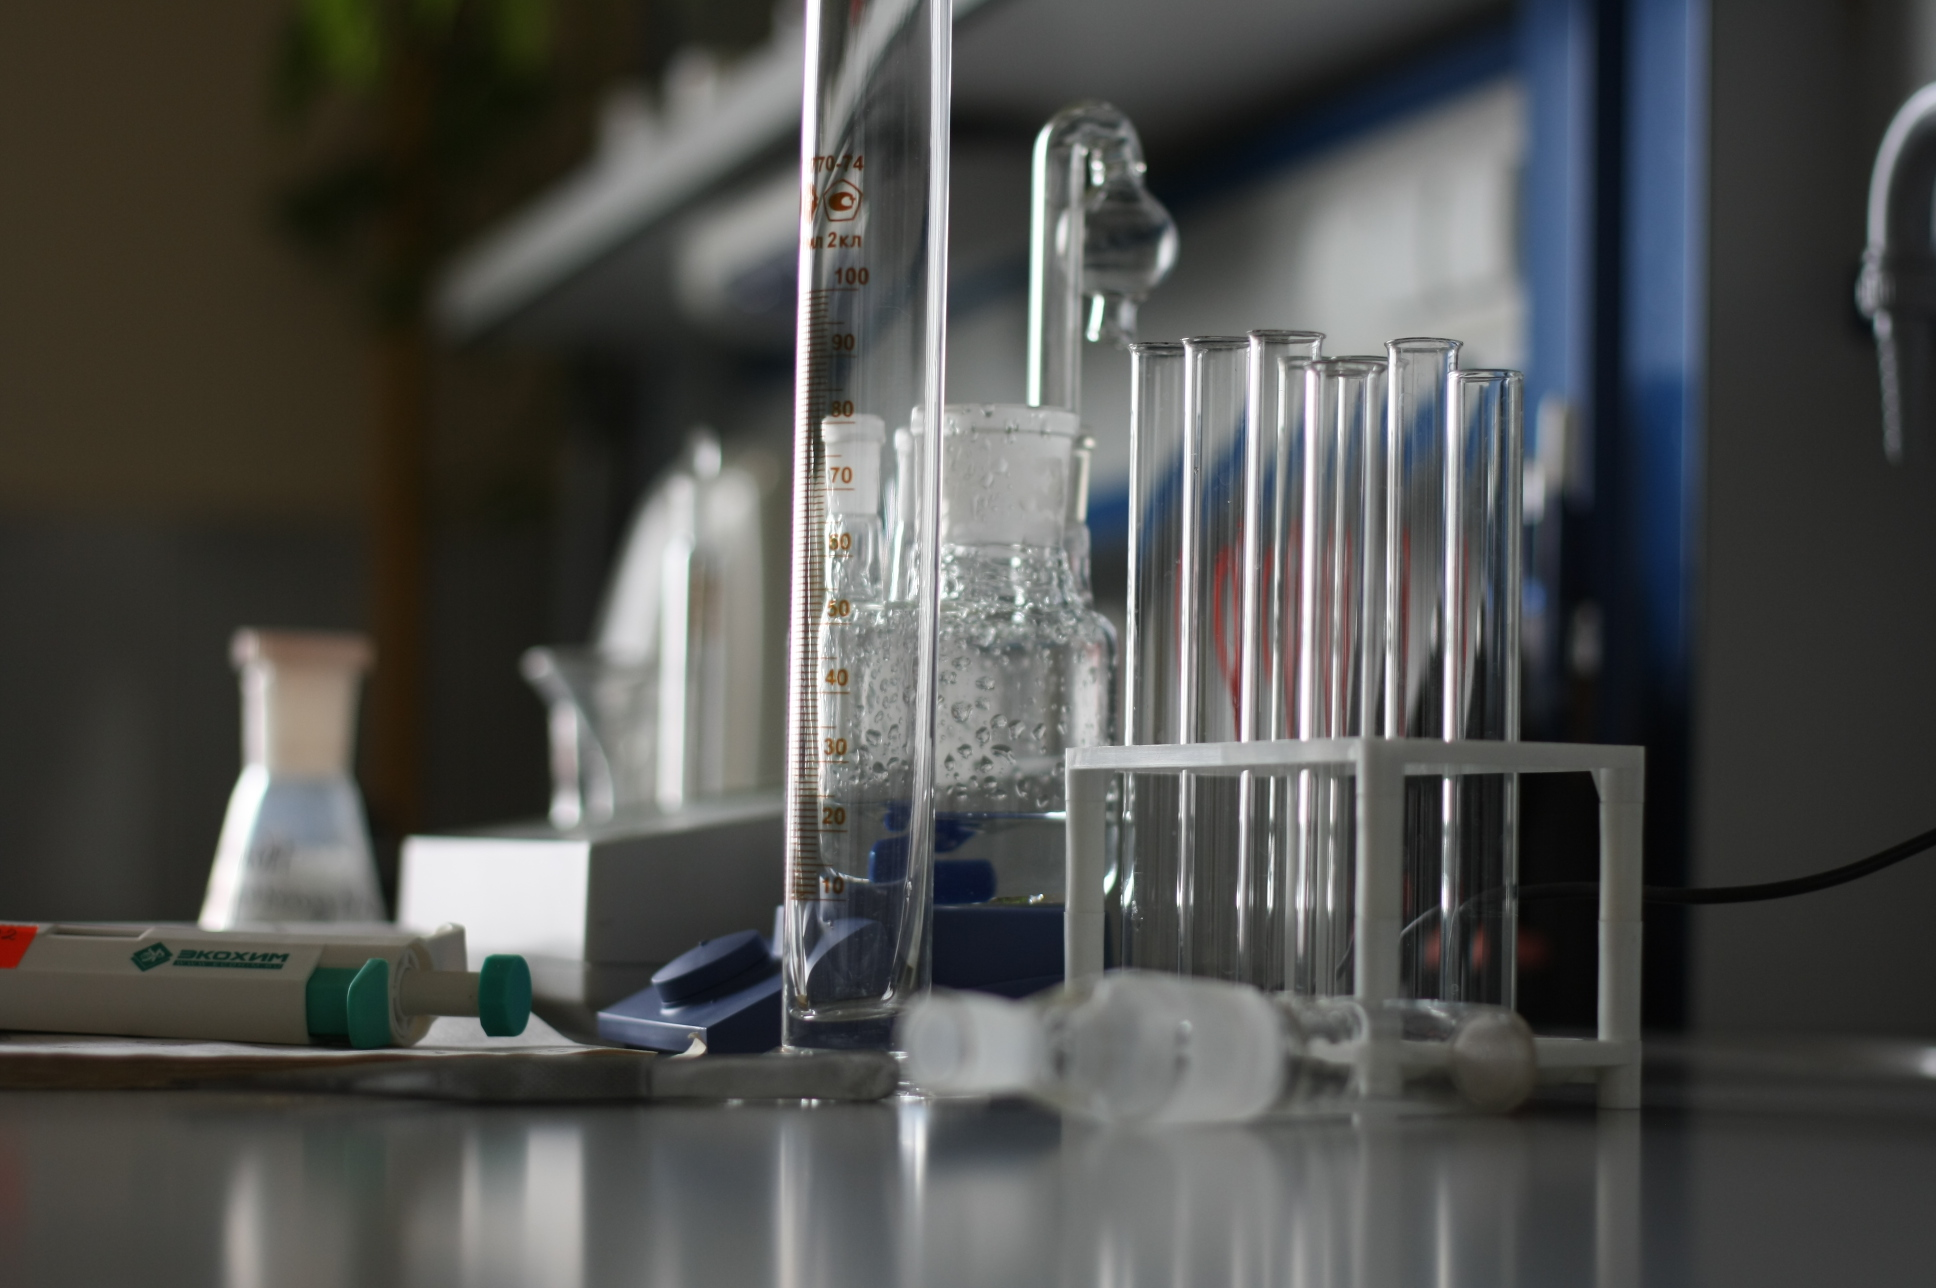 химическая лаборатория шлаков и шламов